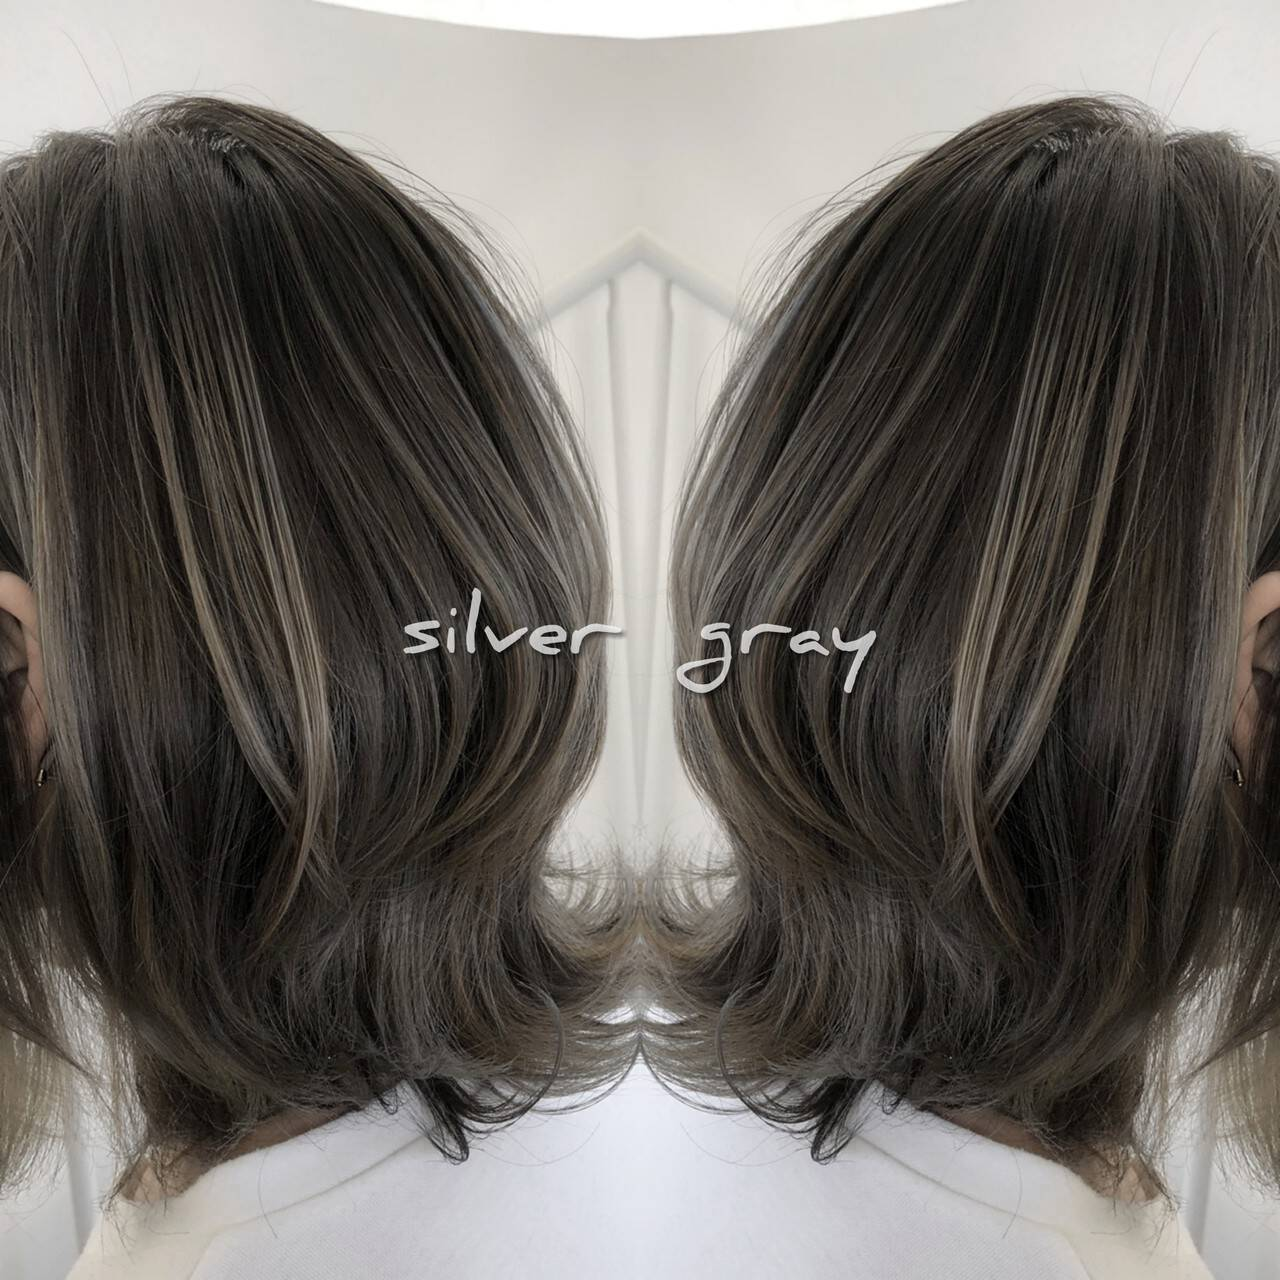 ストリート マッシュウルフ 3Dハイライト シルバーアッシュヘアスタイルや髪型の写真・画像